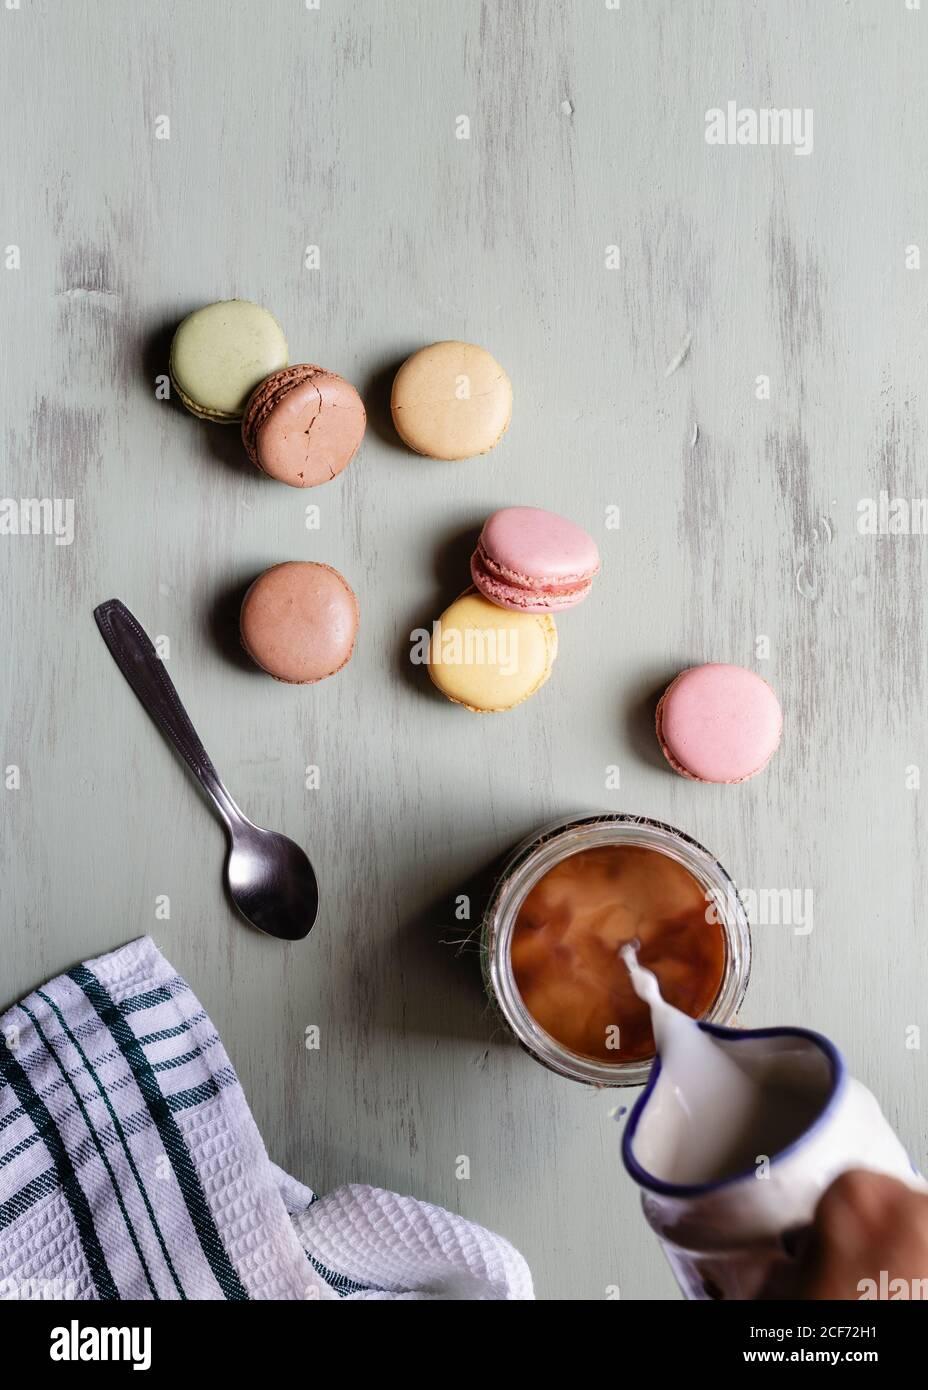 De arriba persona anónima vertiendo leche en taza de café cerca de un montón de coloridos macarrones y cuchara con servilleta mesa blanca Foto de stock